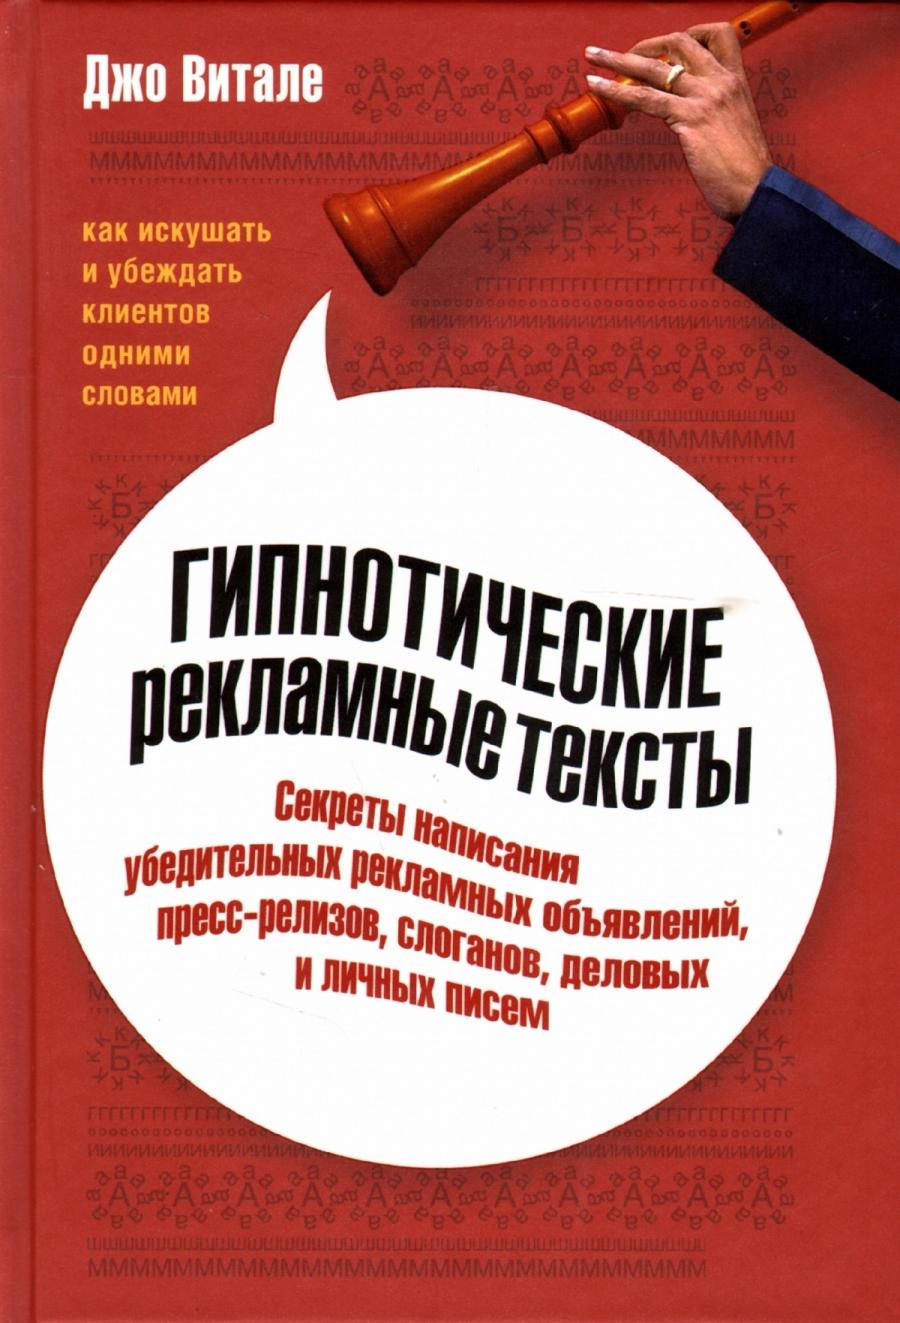 Обложка книги:  джо витале - мастер продаж - гипнотические рекламные тексты